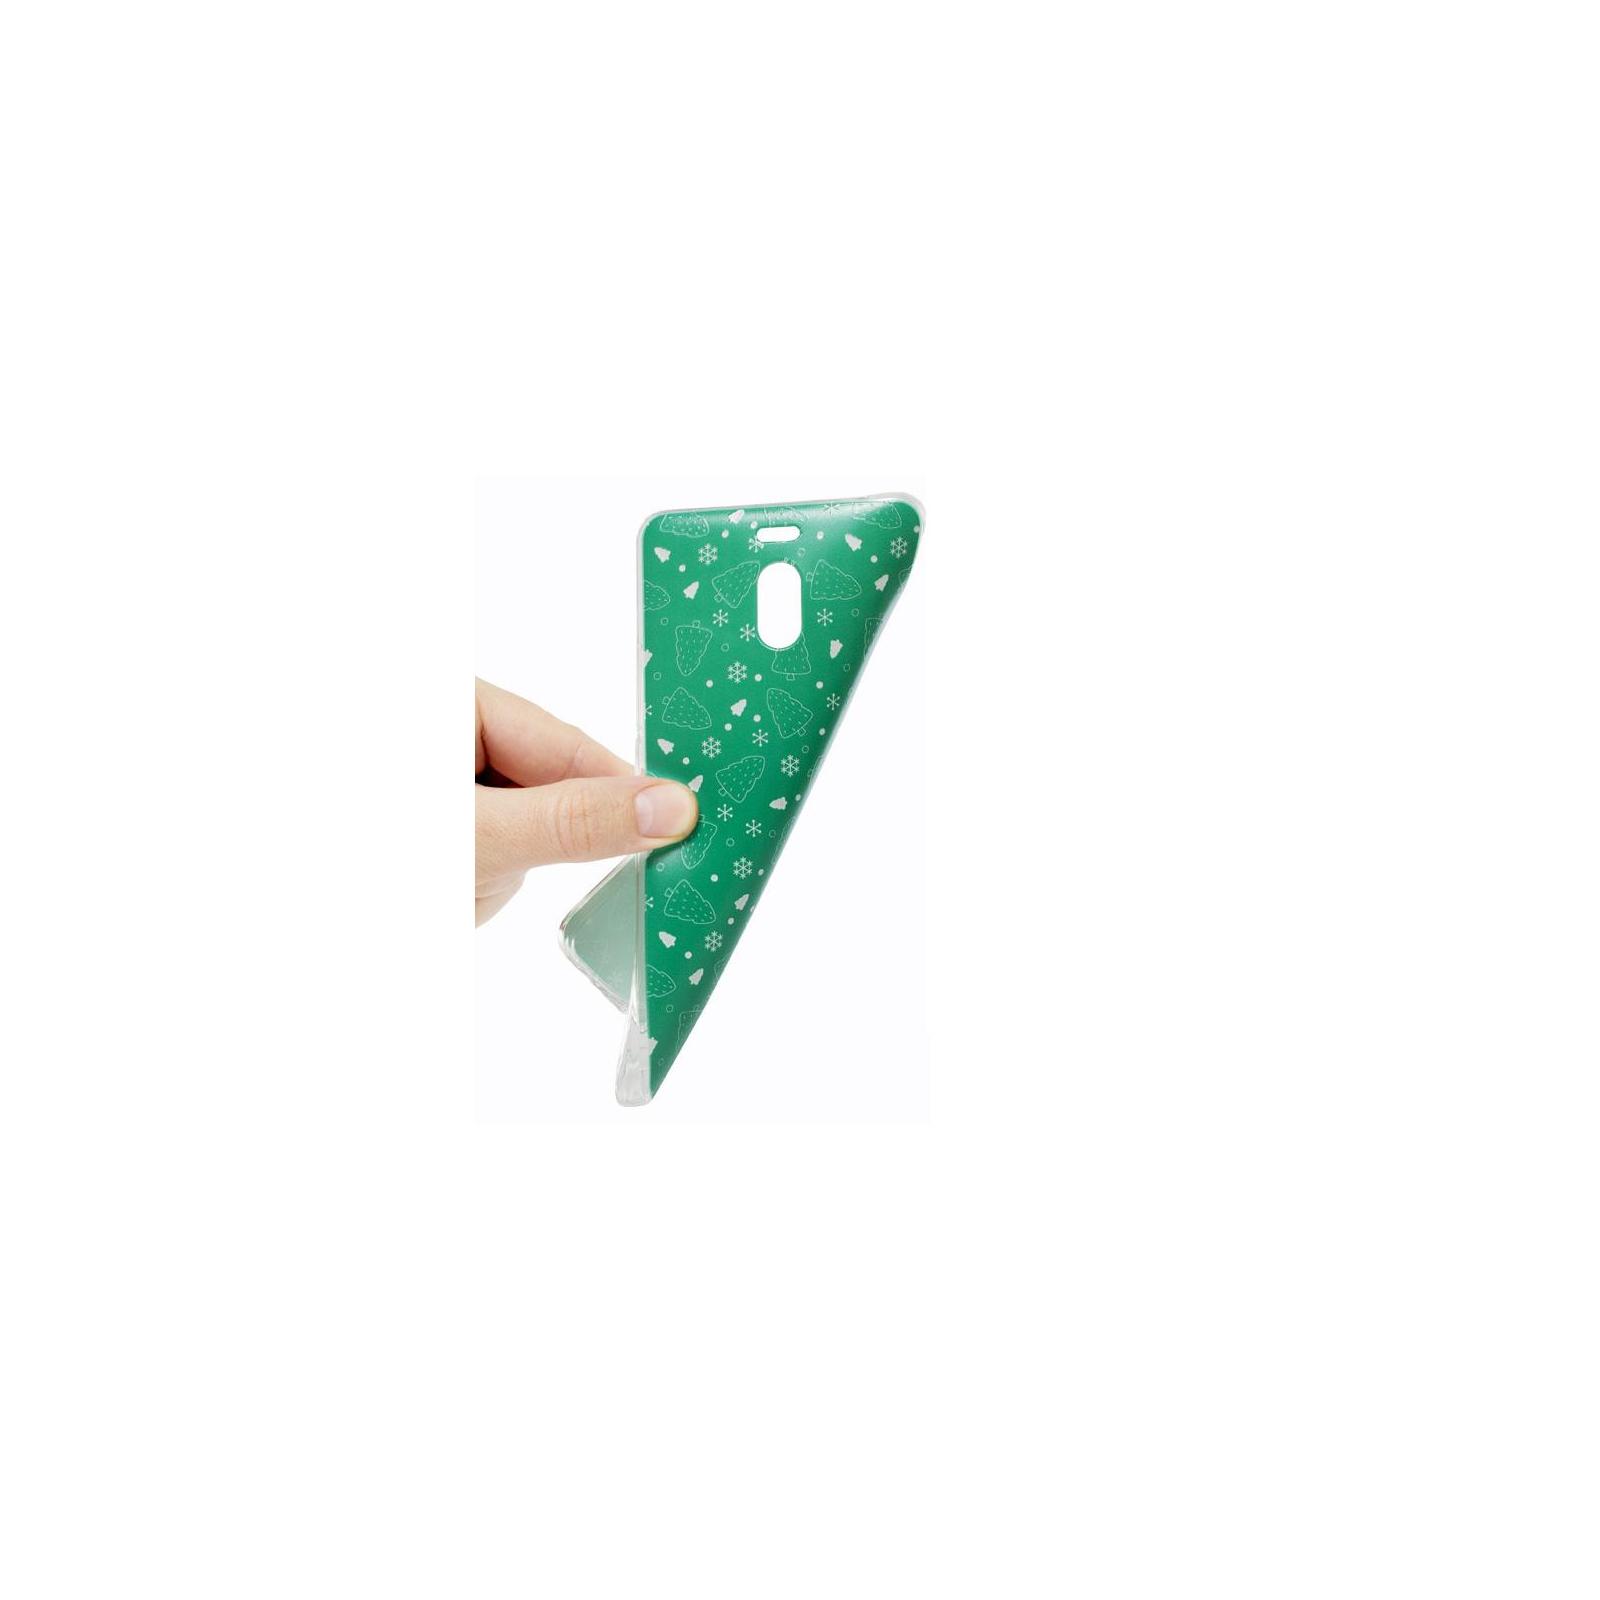 Чехол для моб. телефона Colorway ultrathin TPU case for Meizu M6 Note, pic. А018 (CW-CTPMM6N-TRP) изображение 4